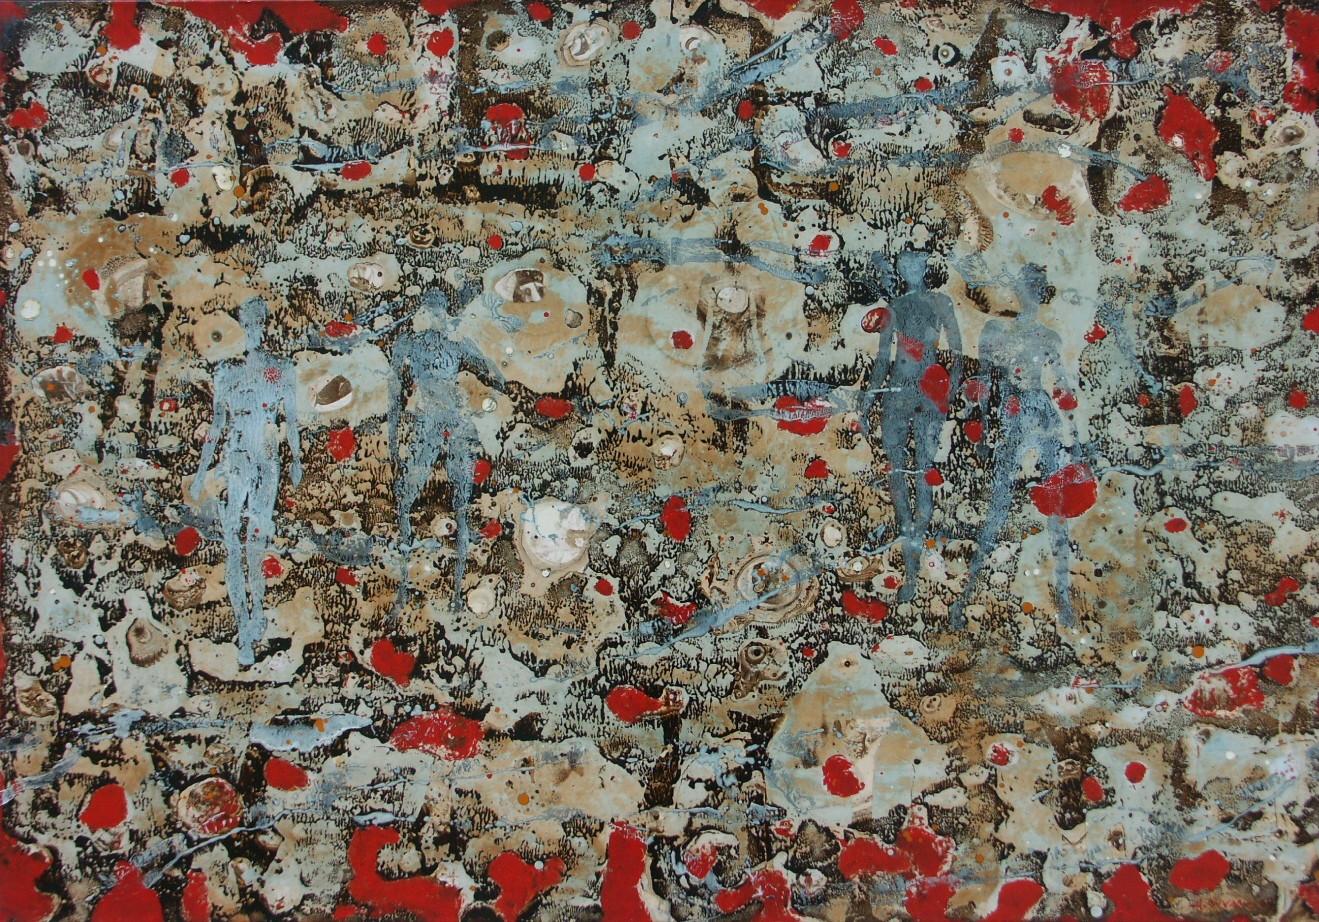 1-Emergents-2009-Huile sur toile-65x92cm